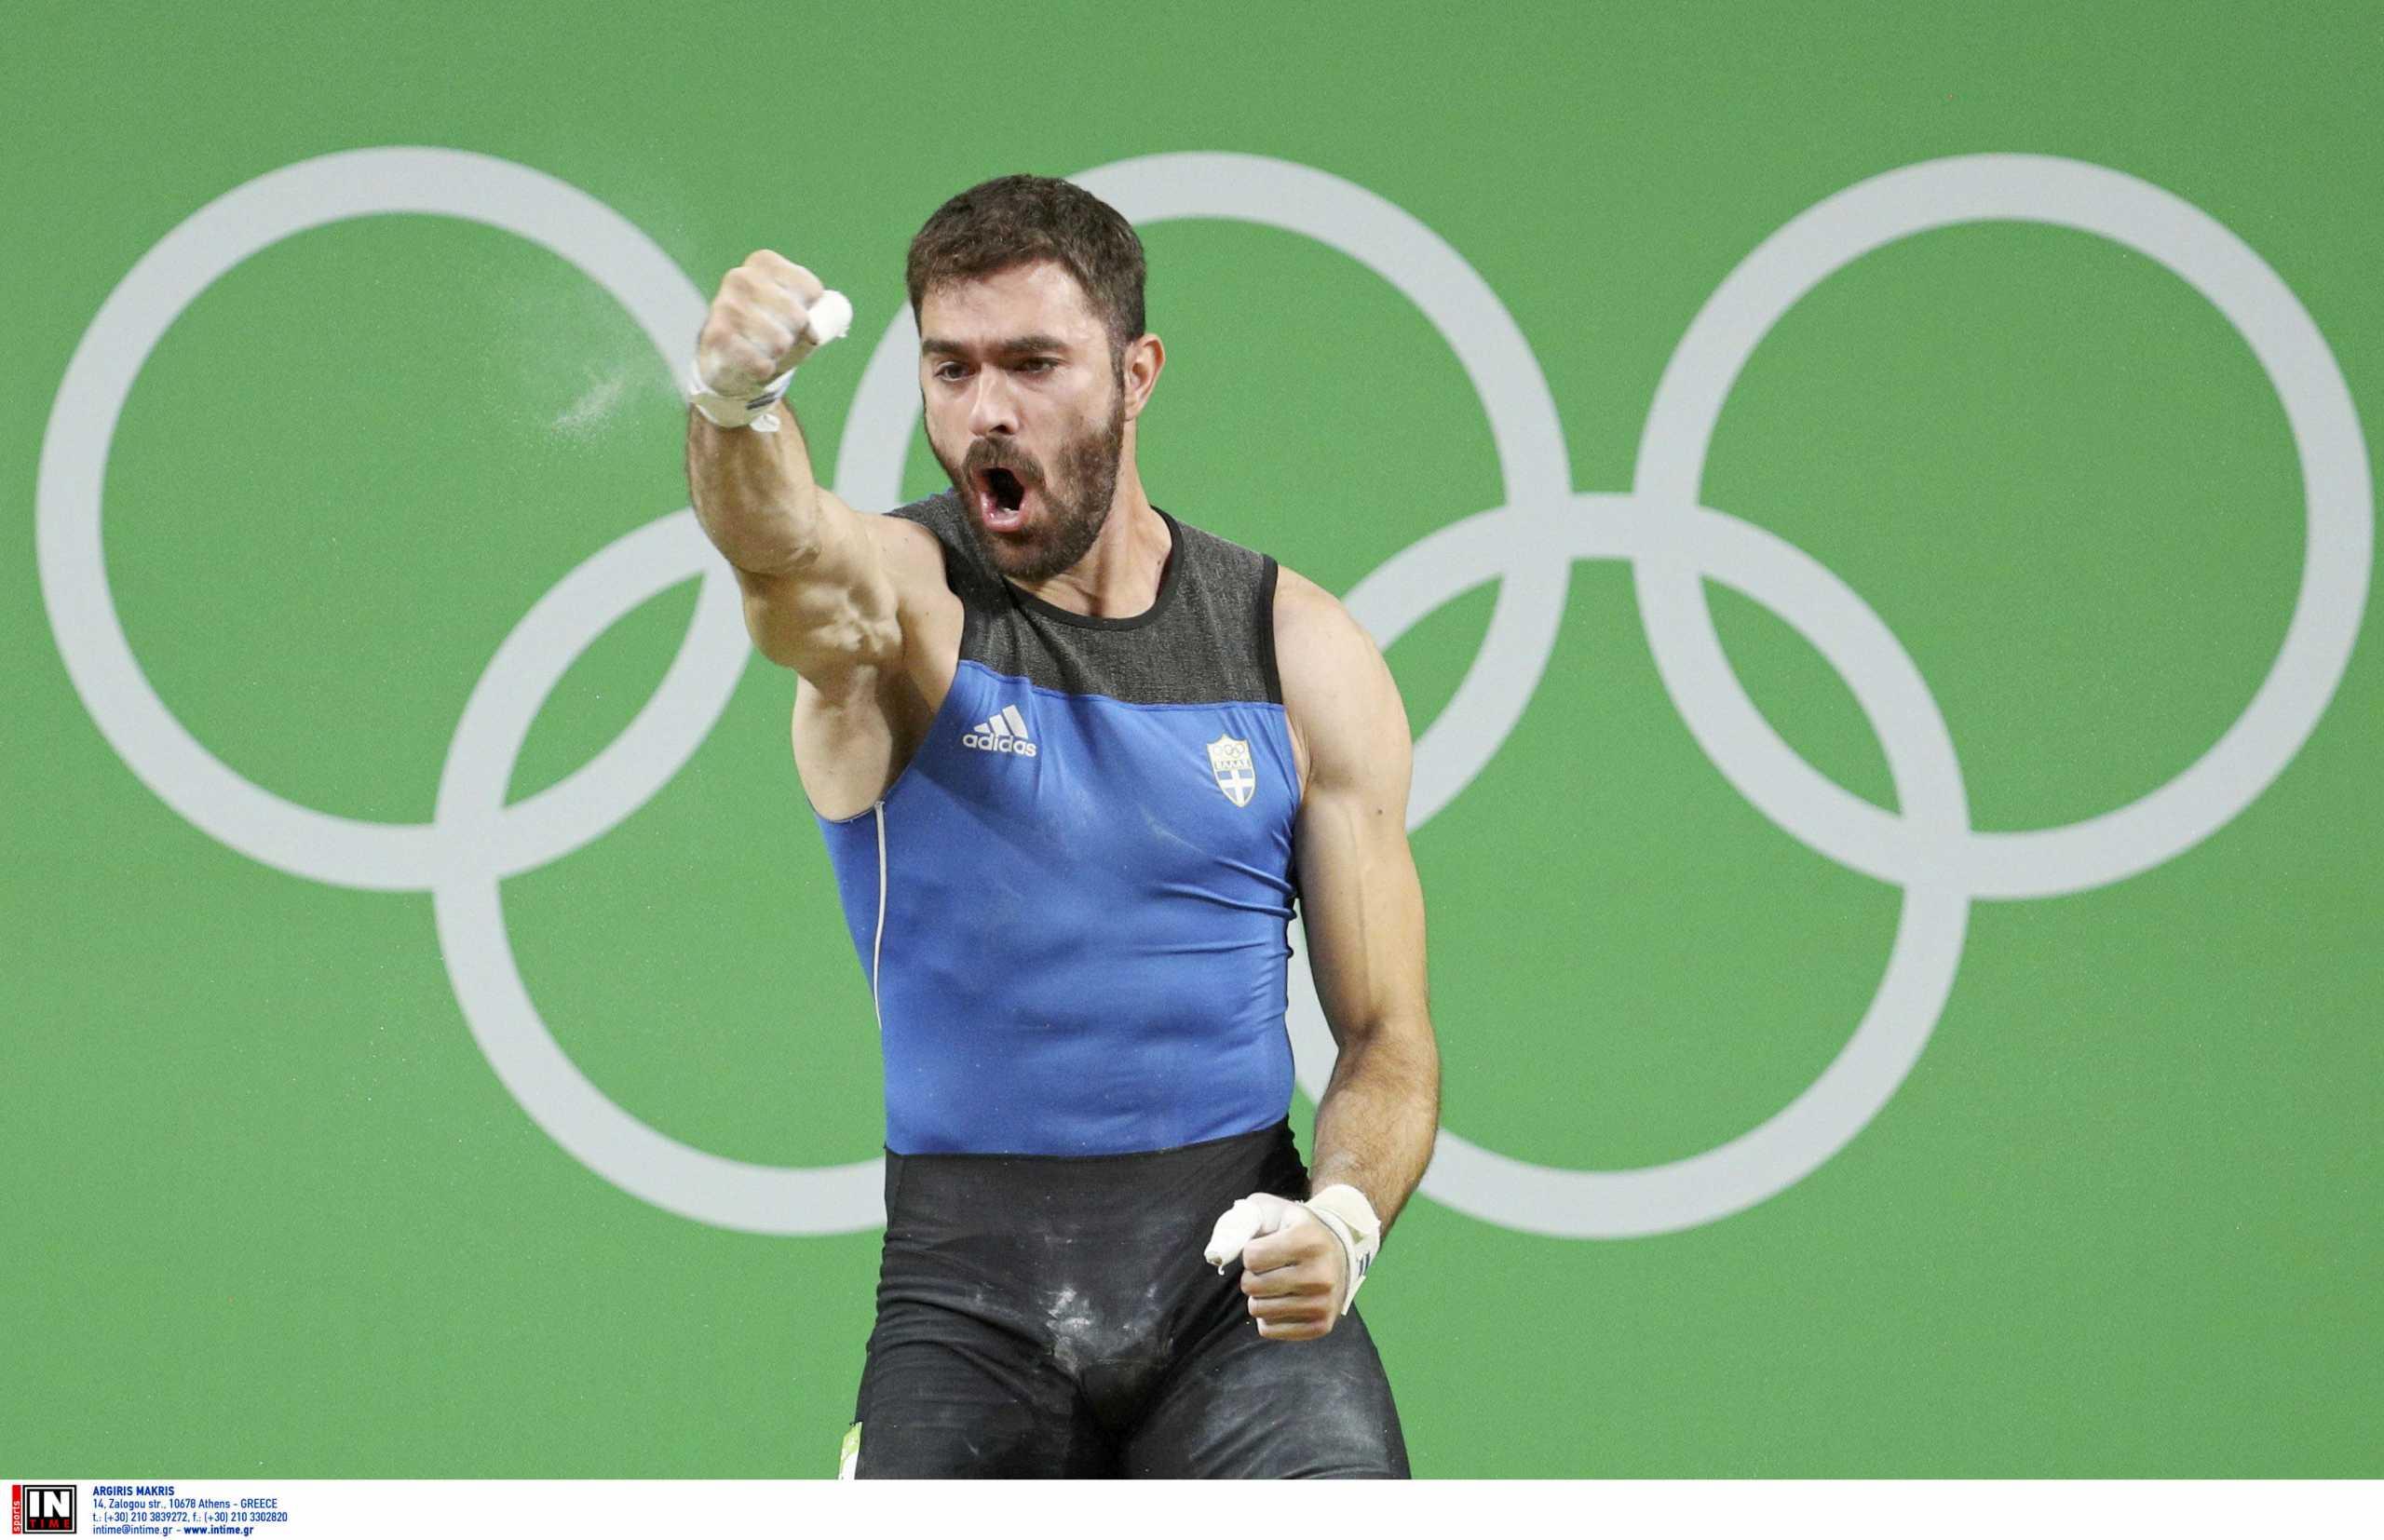 Ολυμπιακοί Αγώνες: Κερδίζει «εισιτήριο» για το Τόκιο ο Ιακωβίδης – Του το «δίνει» η Σαμόα